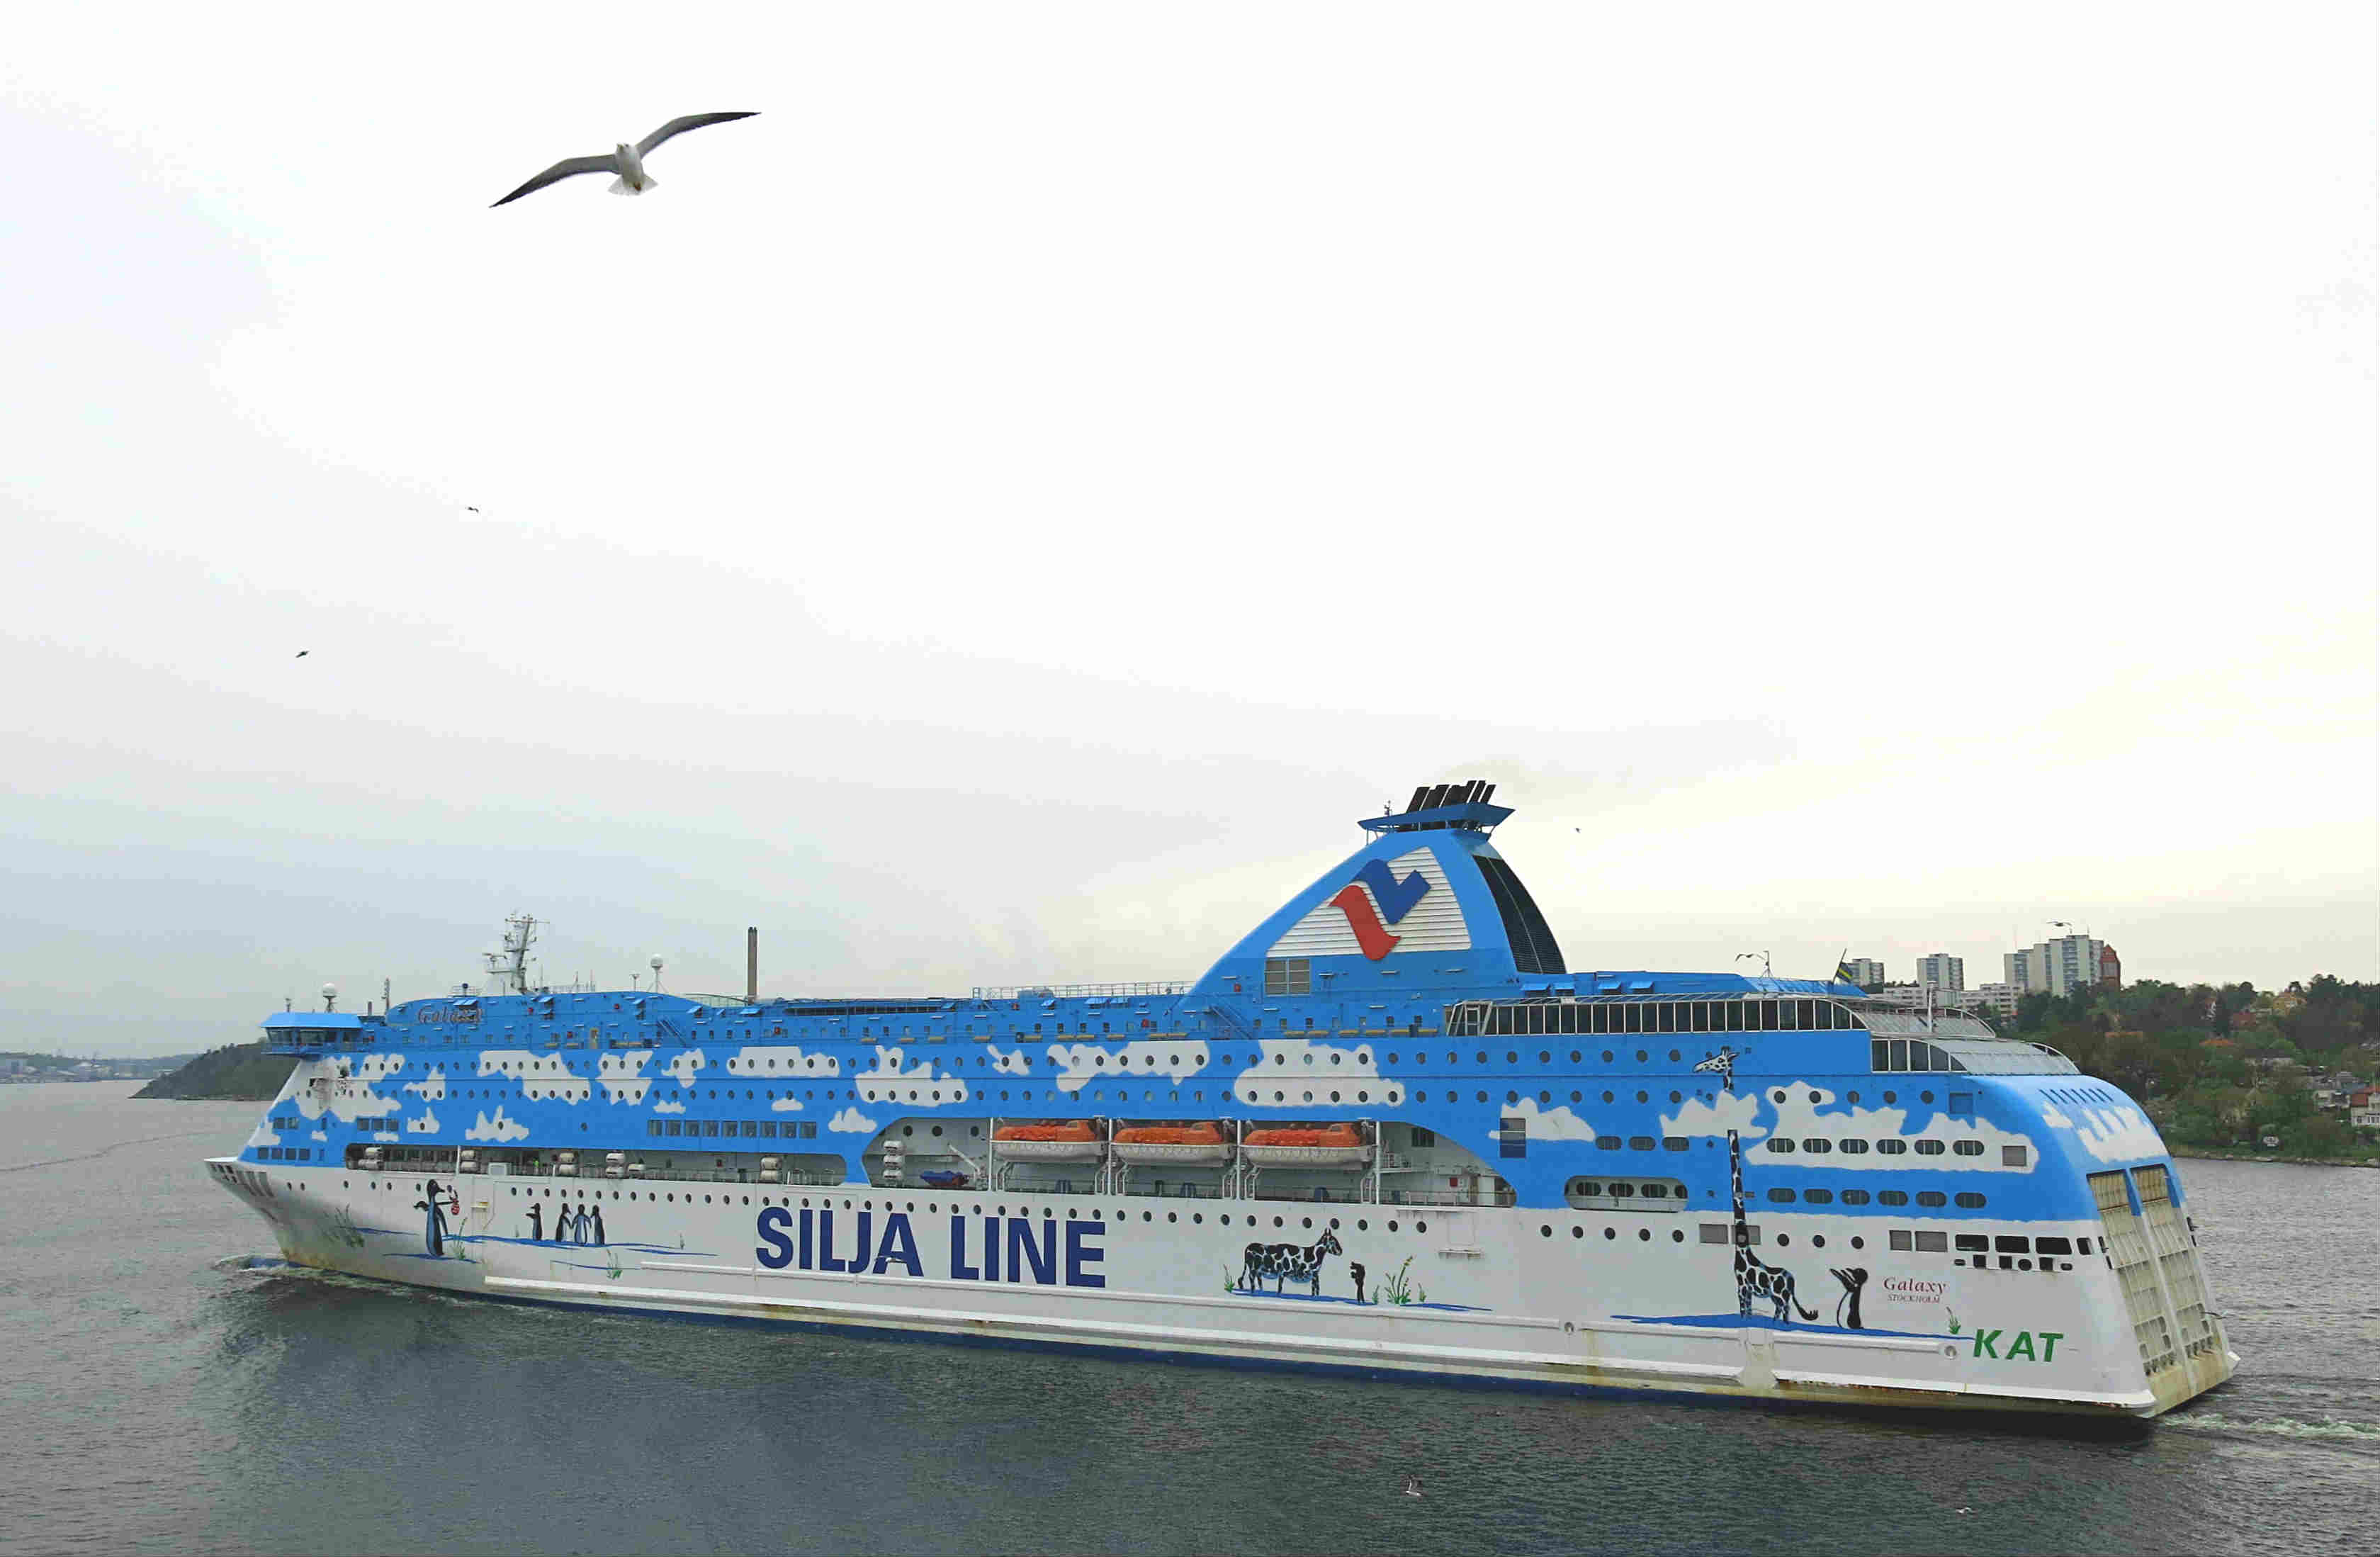 Citycruise Stockholm-Tallinn-Tallink Silja